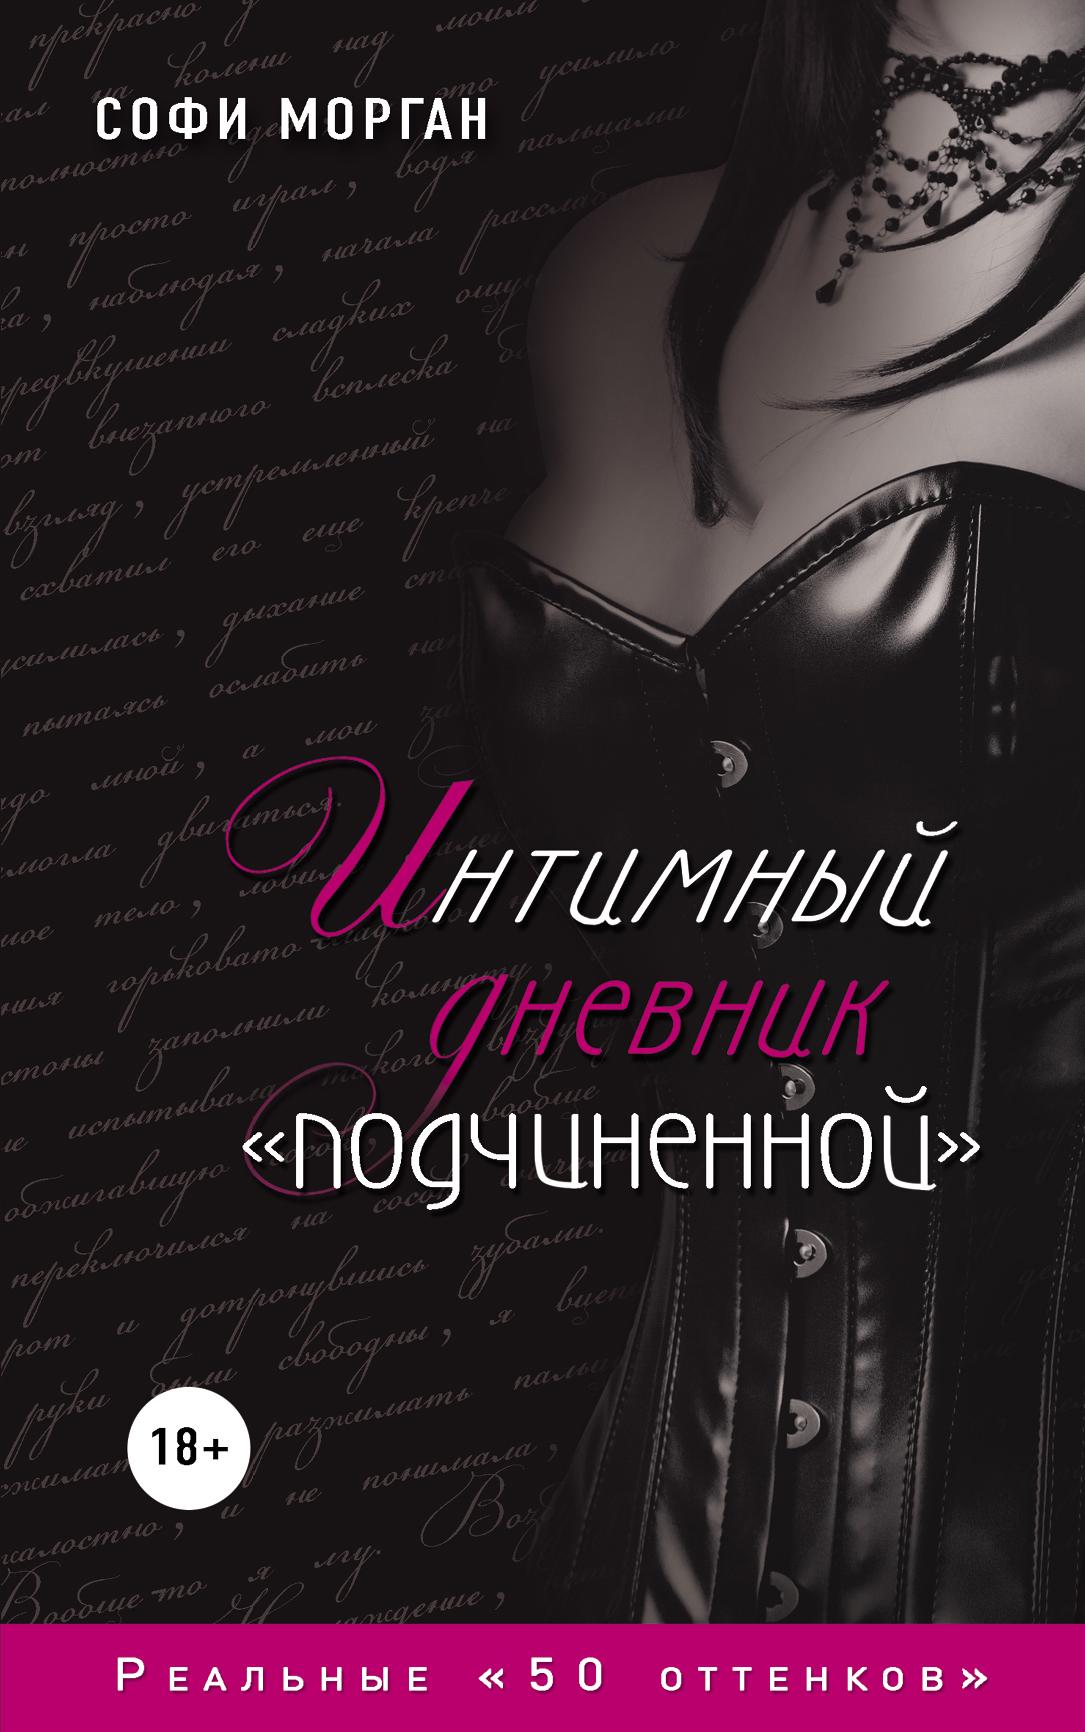 chitat-lyubovnie-romani-bdsm